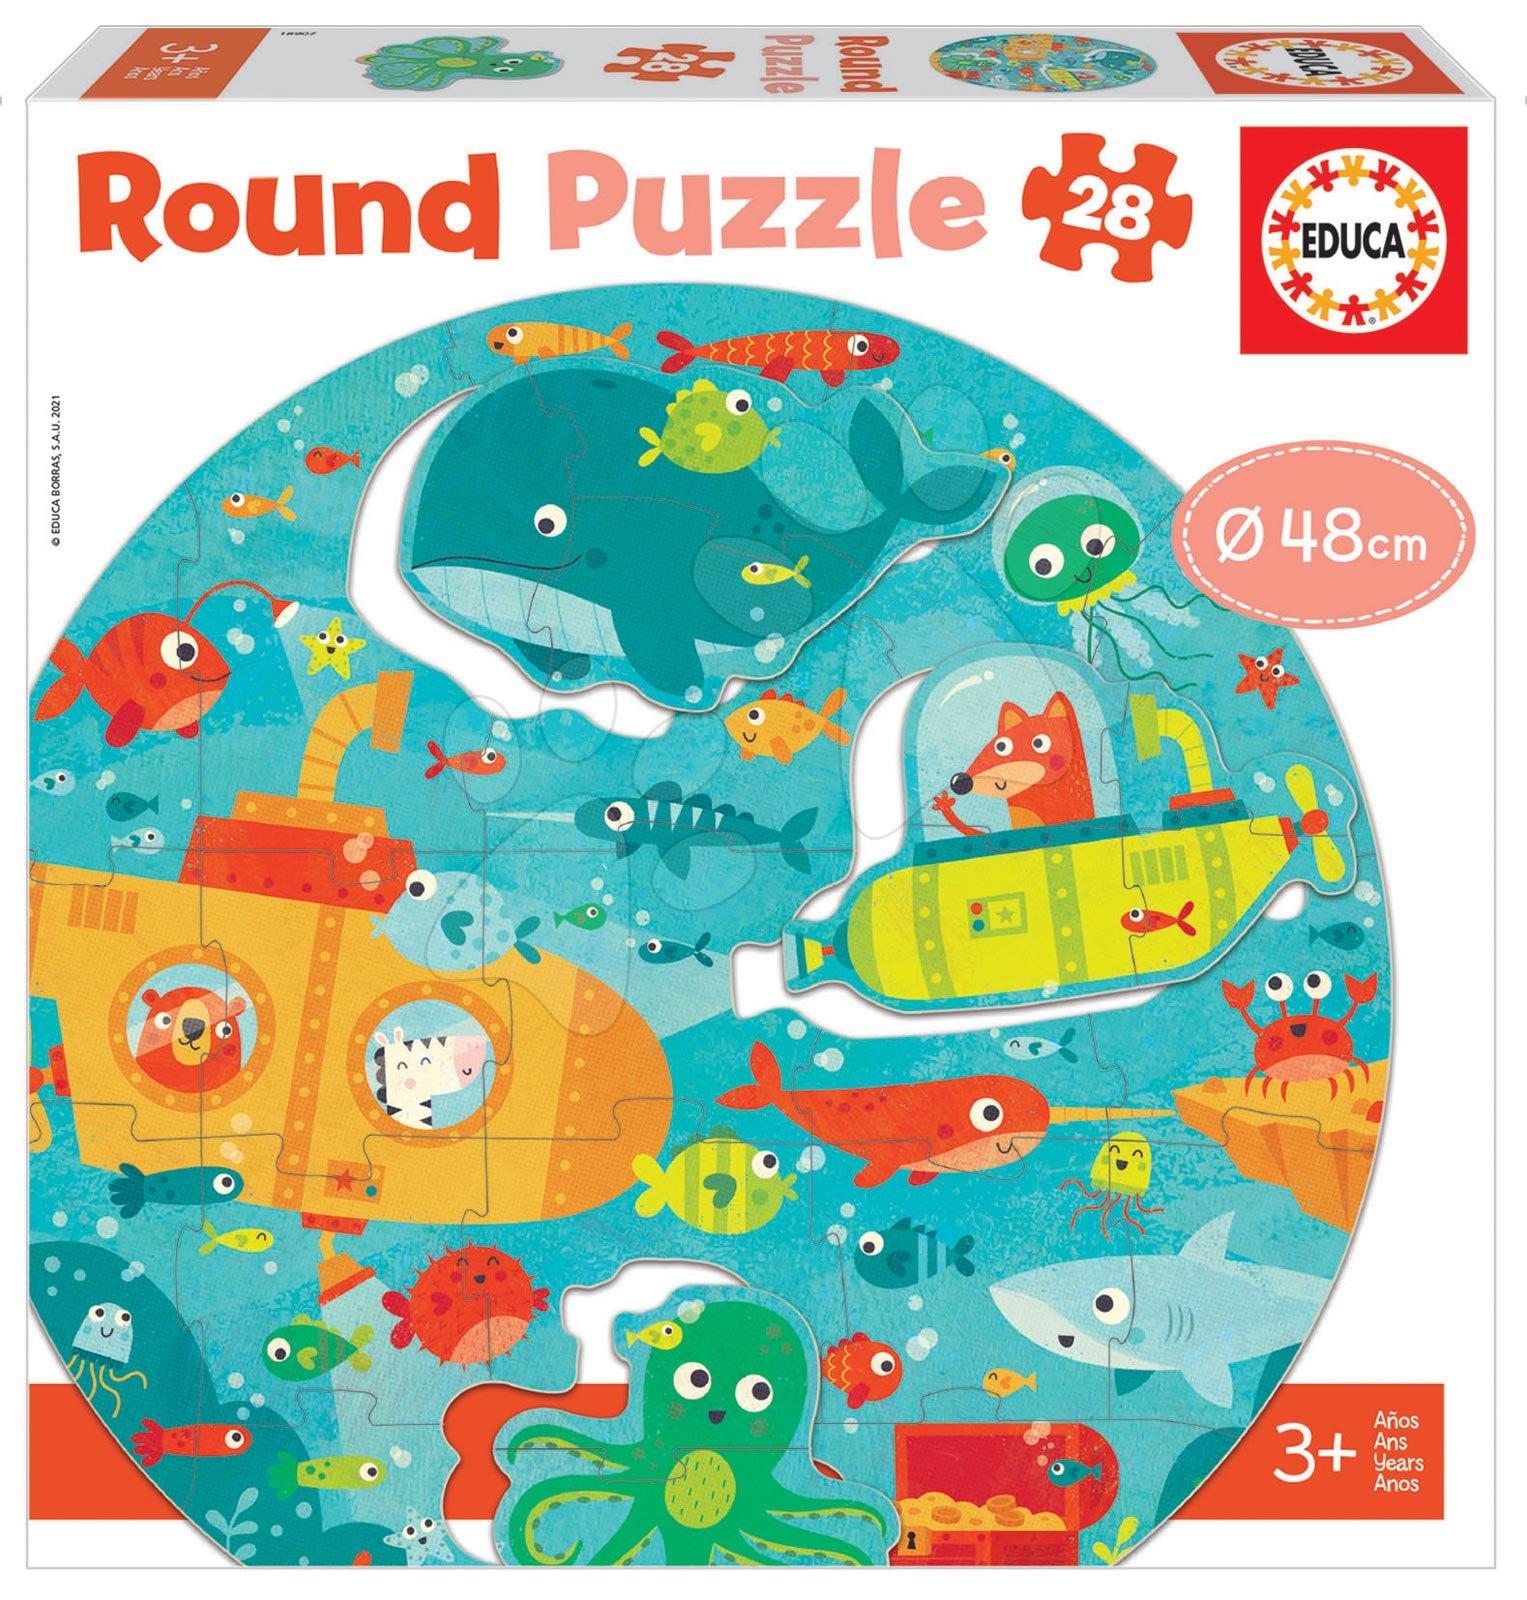 Dětské puzzle do 100 dílků - Puzzle pro nejmenší kulaté Under the Sea Round Educa zvířátka v moři 28 dílů 48 cm průměr